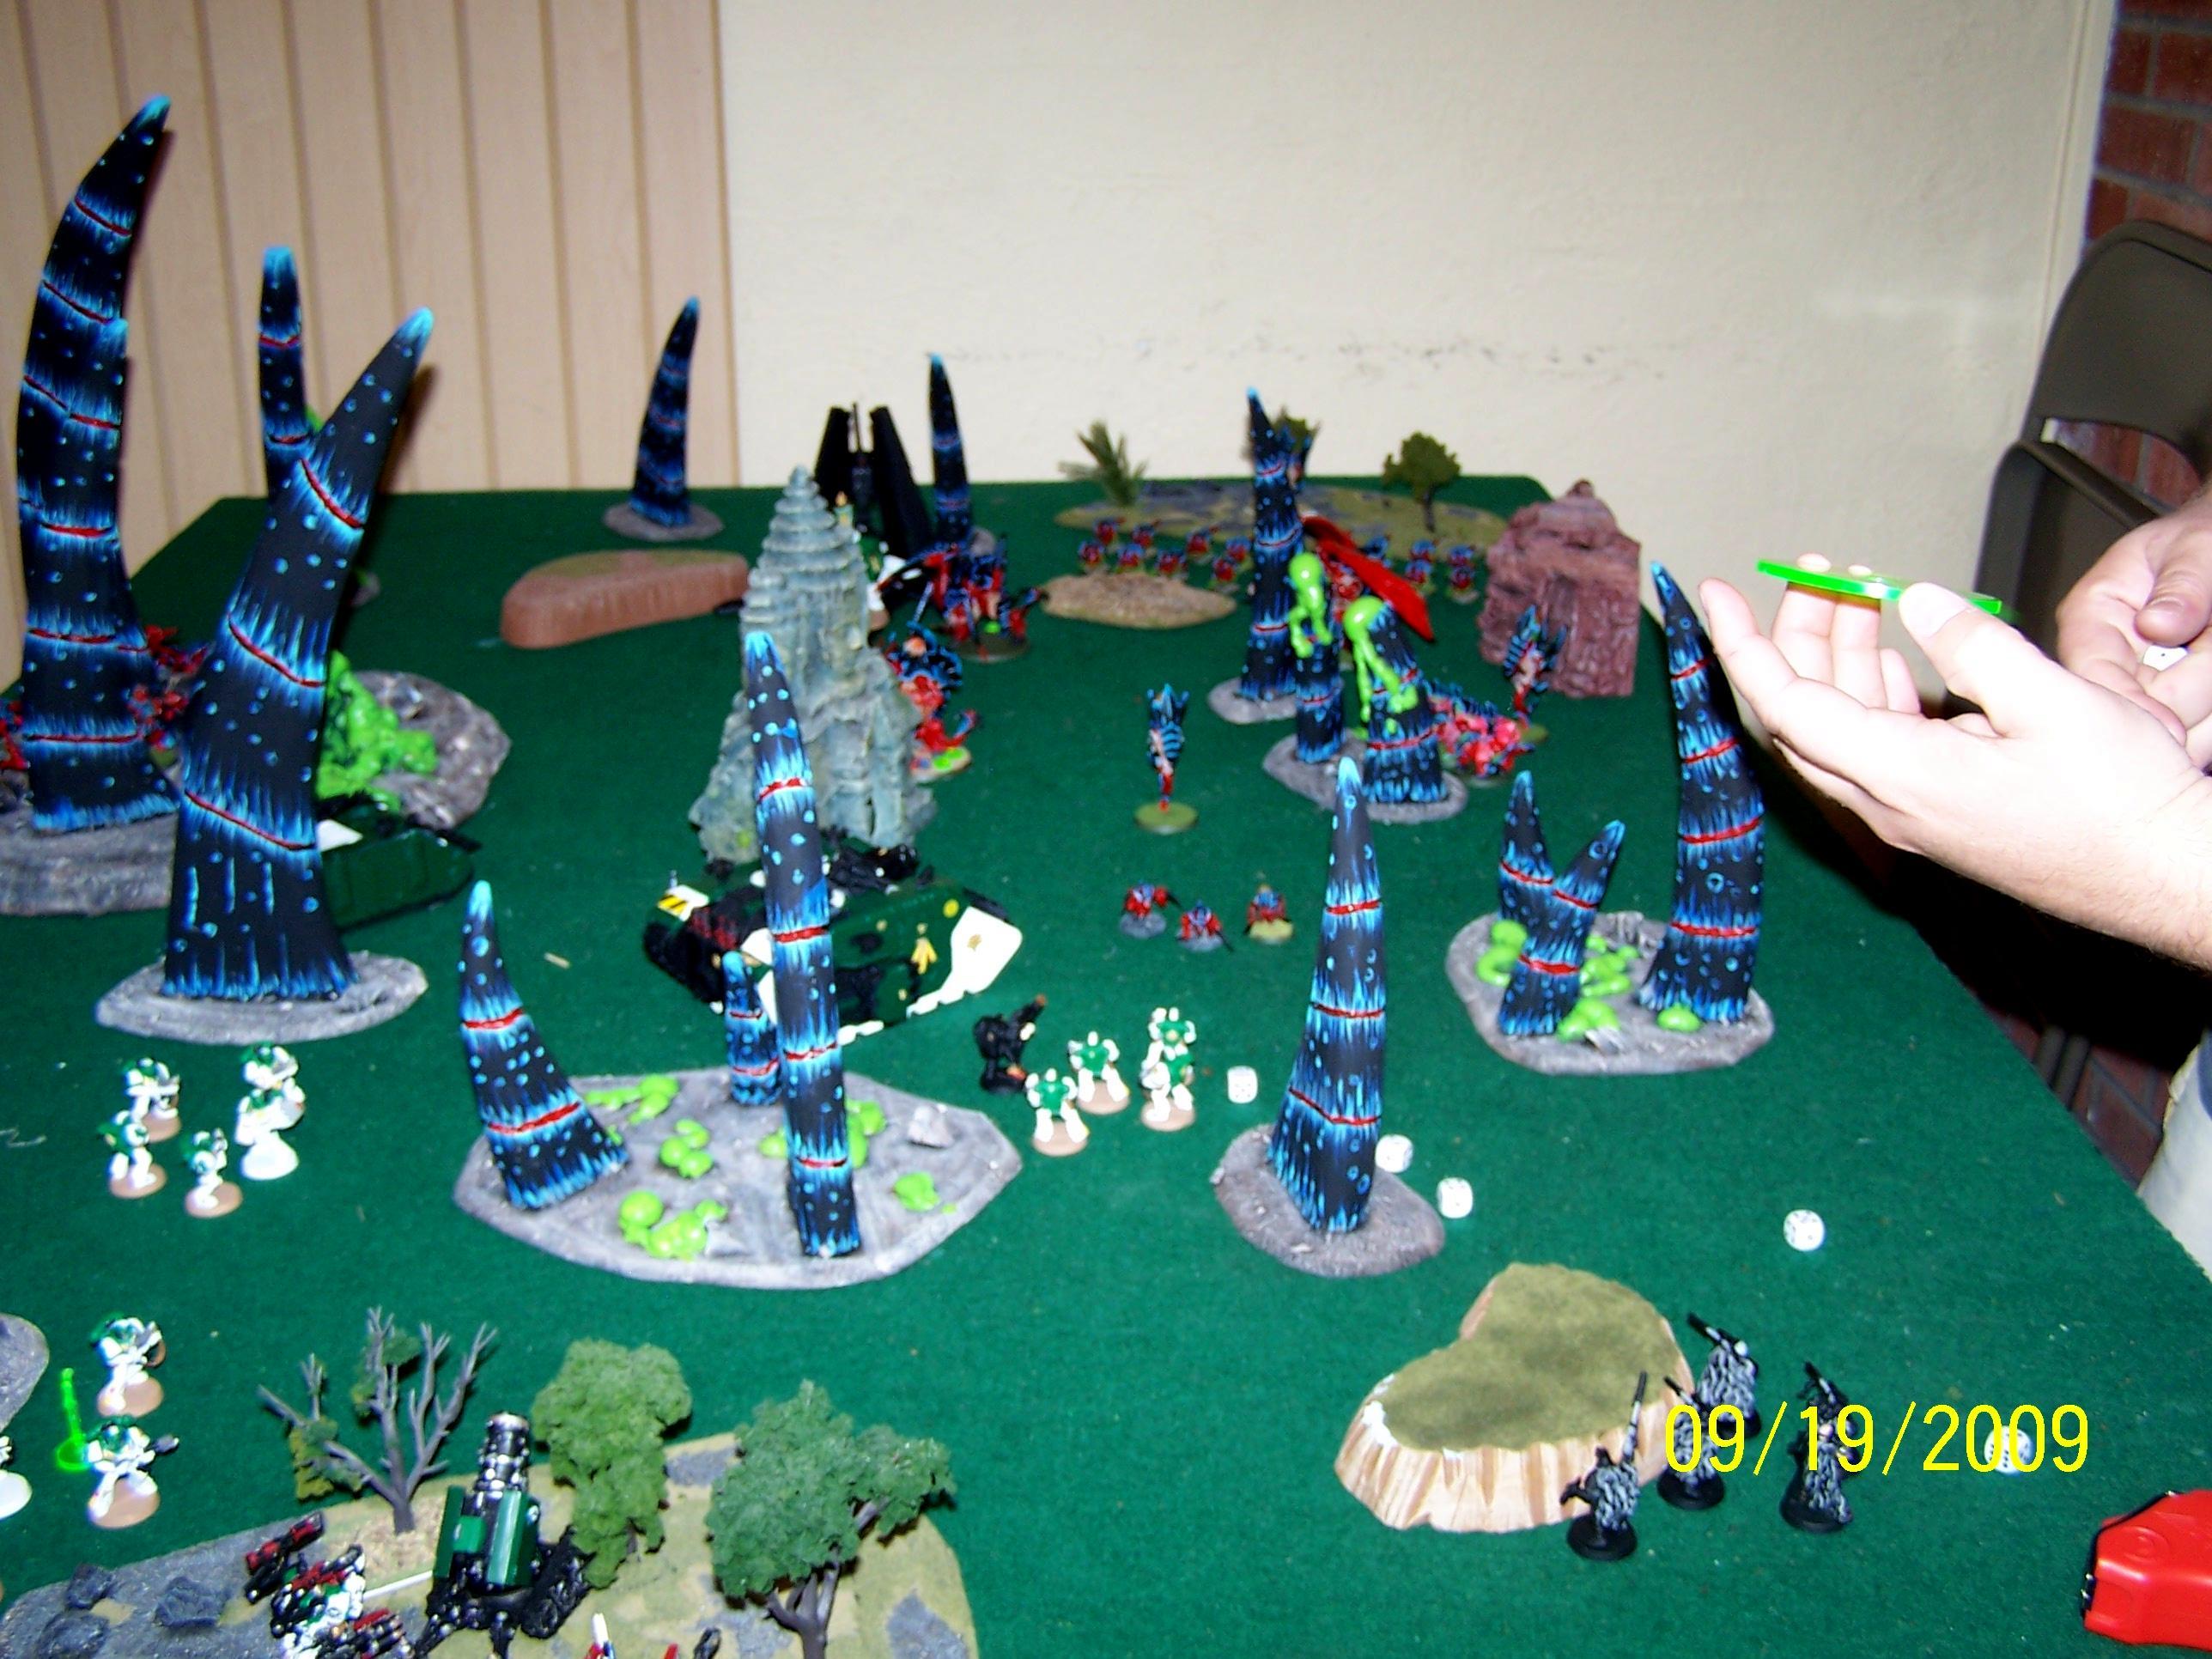 Spacemarine, Tyranids, Warhammer 40,000